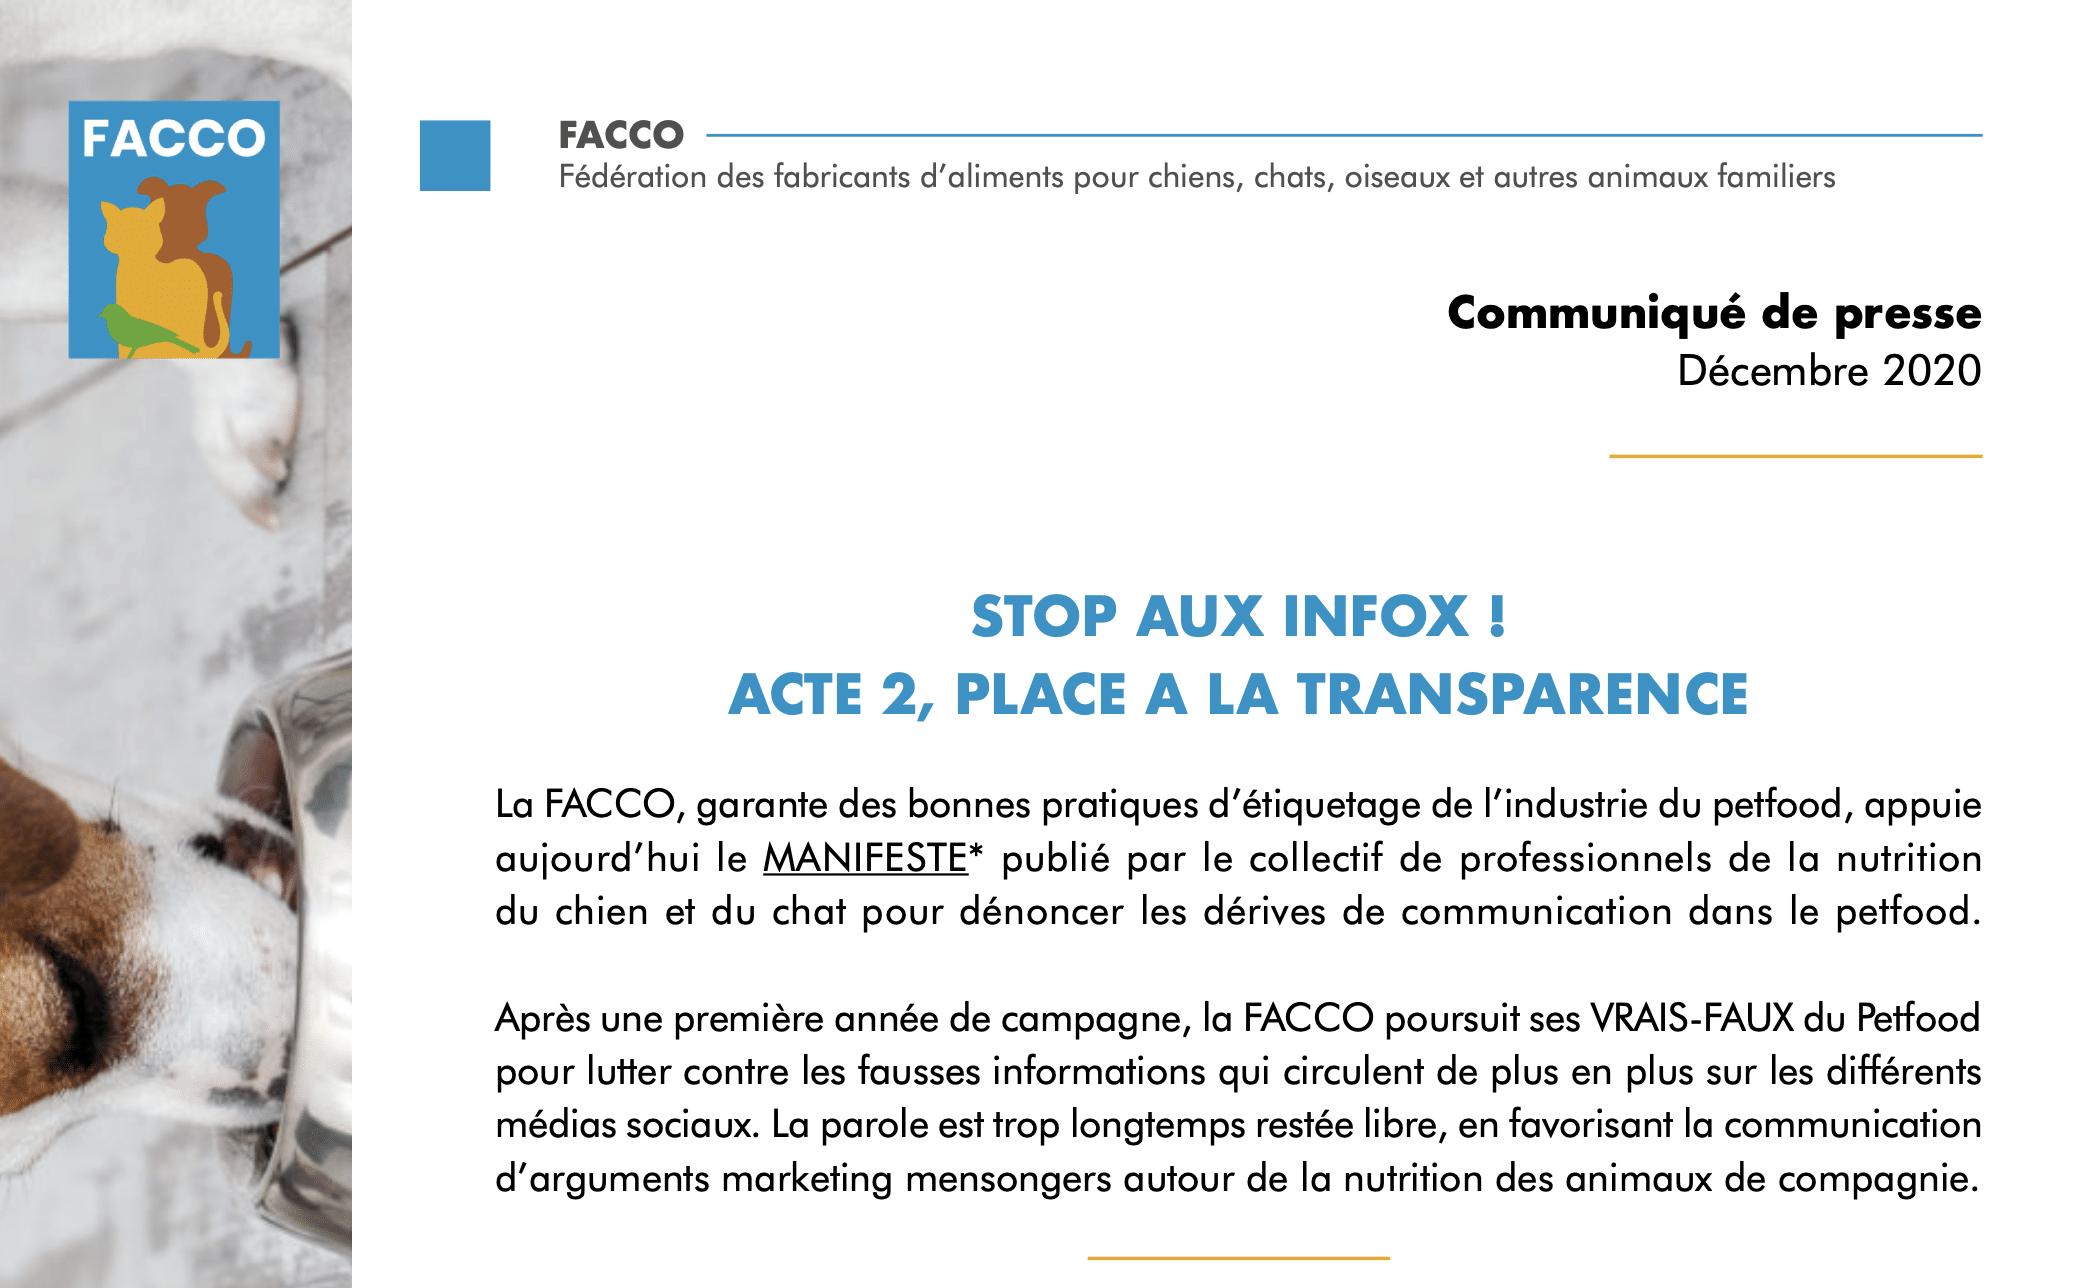 STOP AUX INFOX ! ACTE 2, PLACE A LA TRANSPARENCE